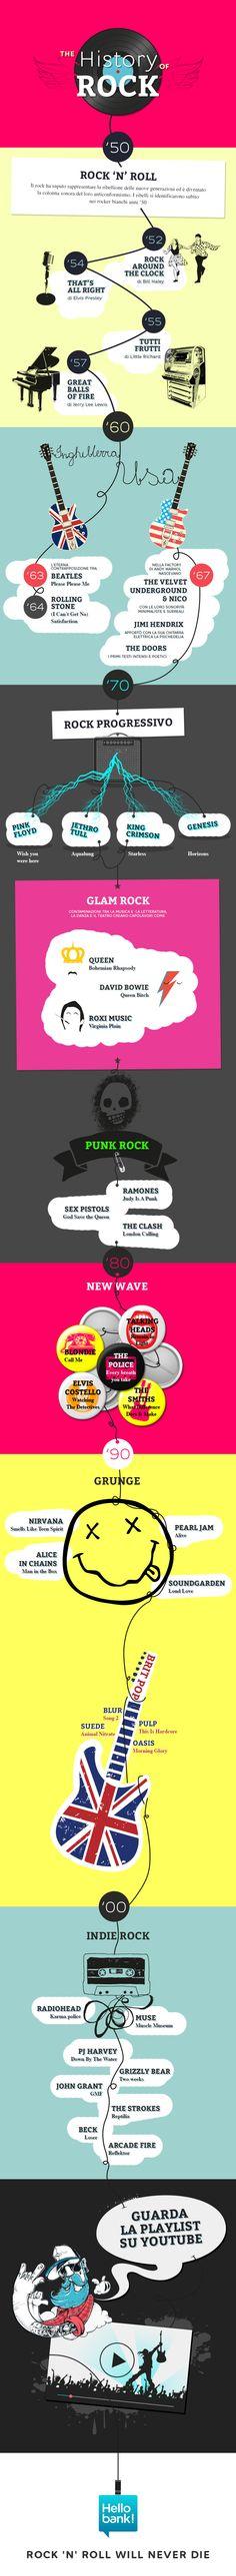 The History of Rock - Clicca l'infografica per ascoltare la playlist #Infografía